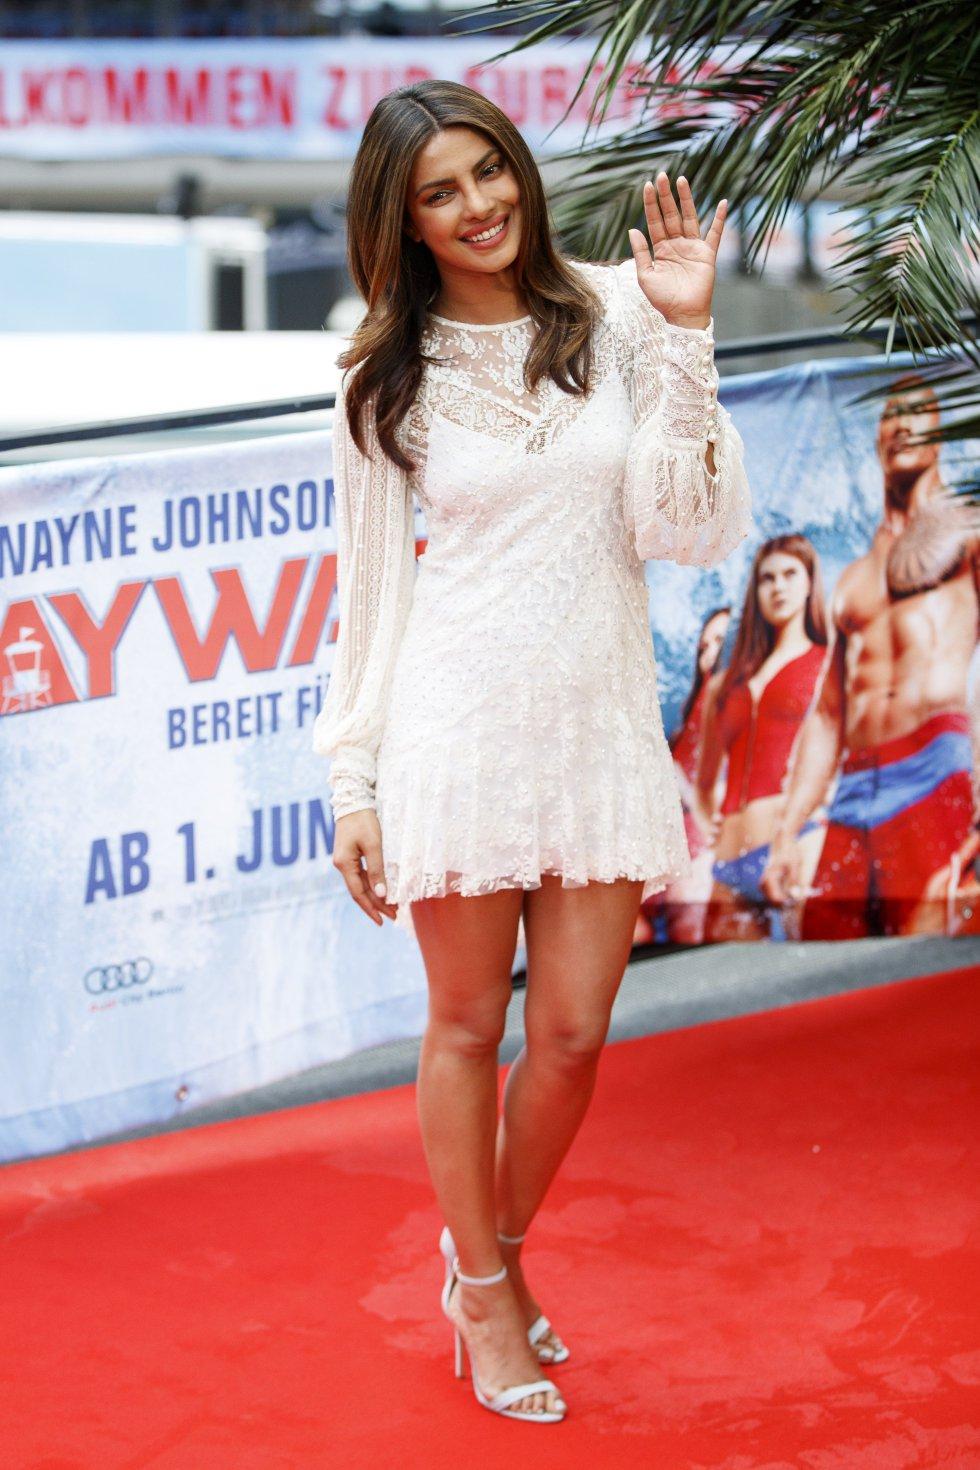 La actriz india, Priyanka Chopra durante la premiere de la cinta que se estrenará el próximo 1 de junio en Alemania.